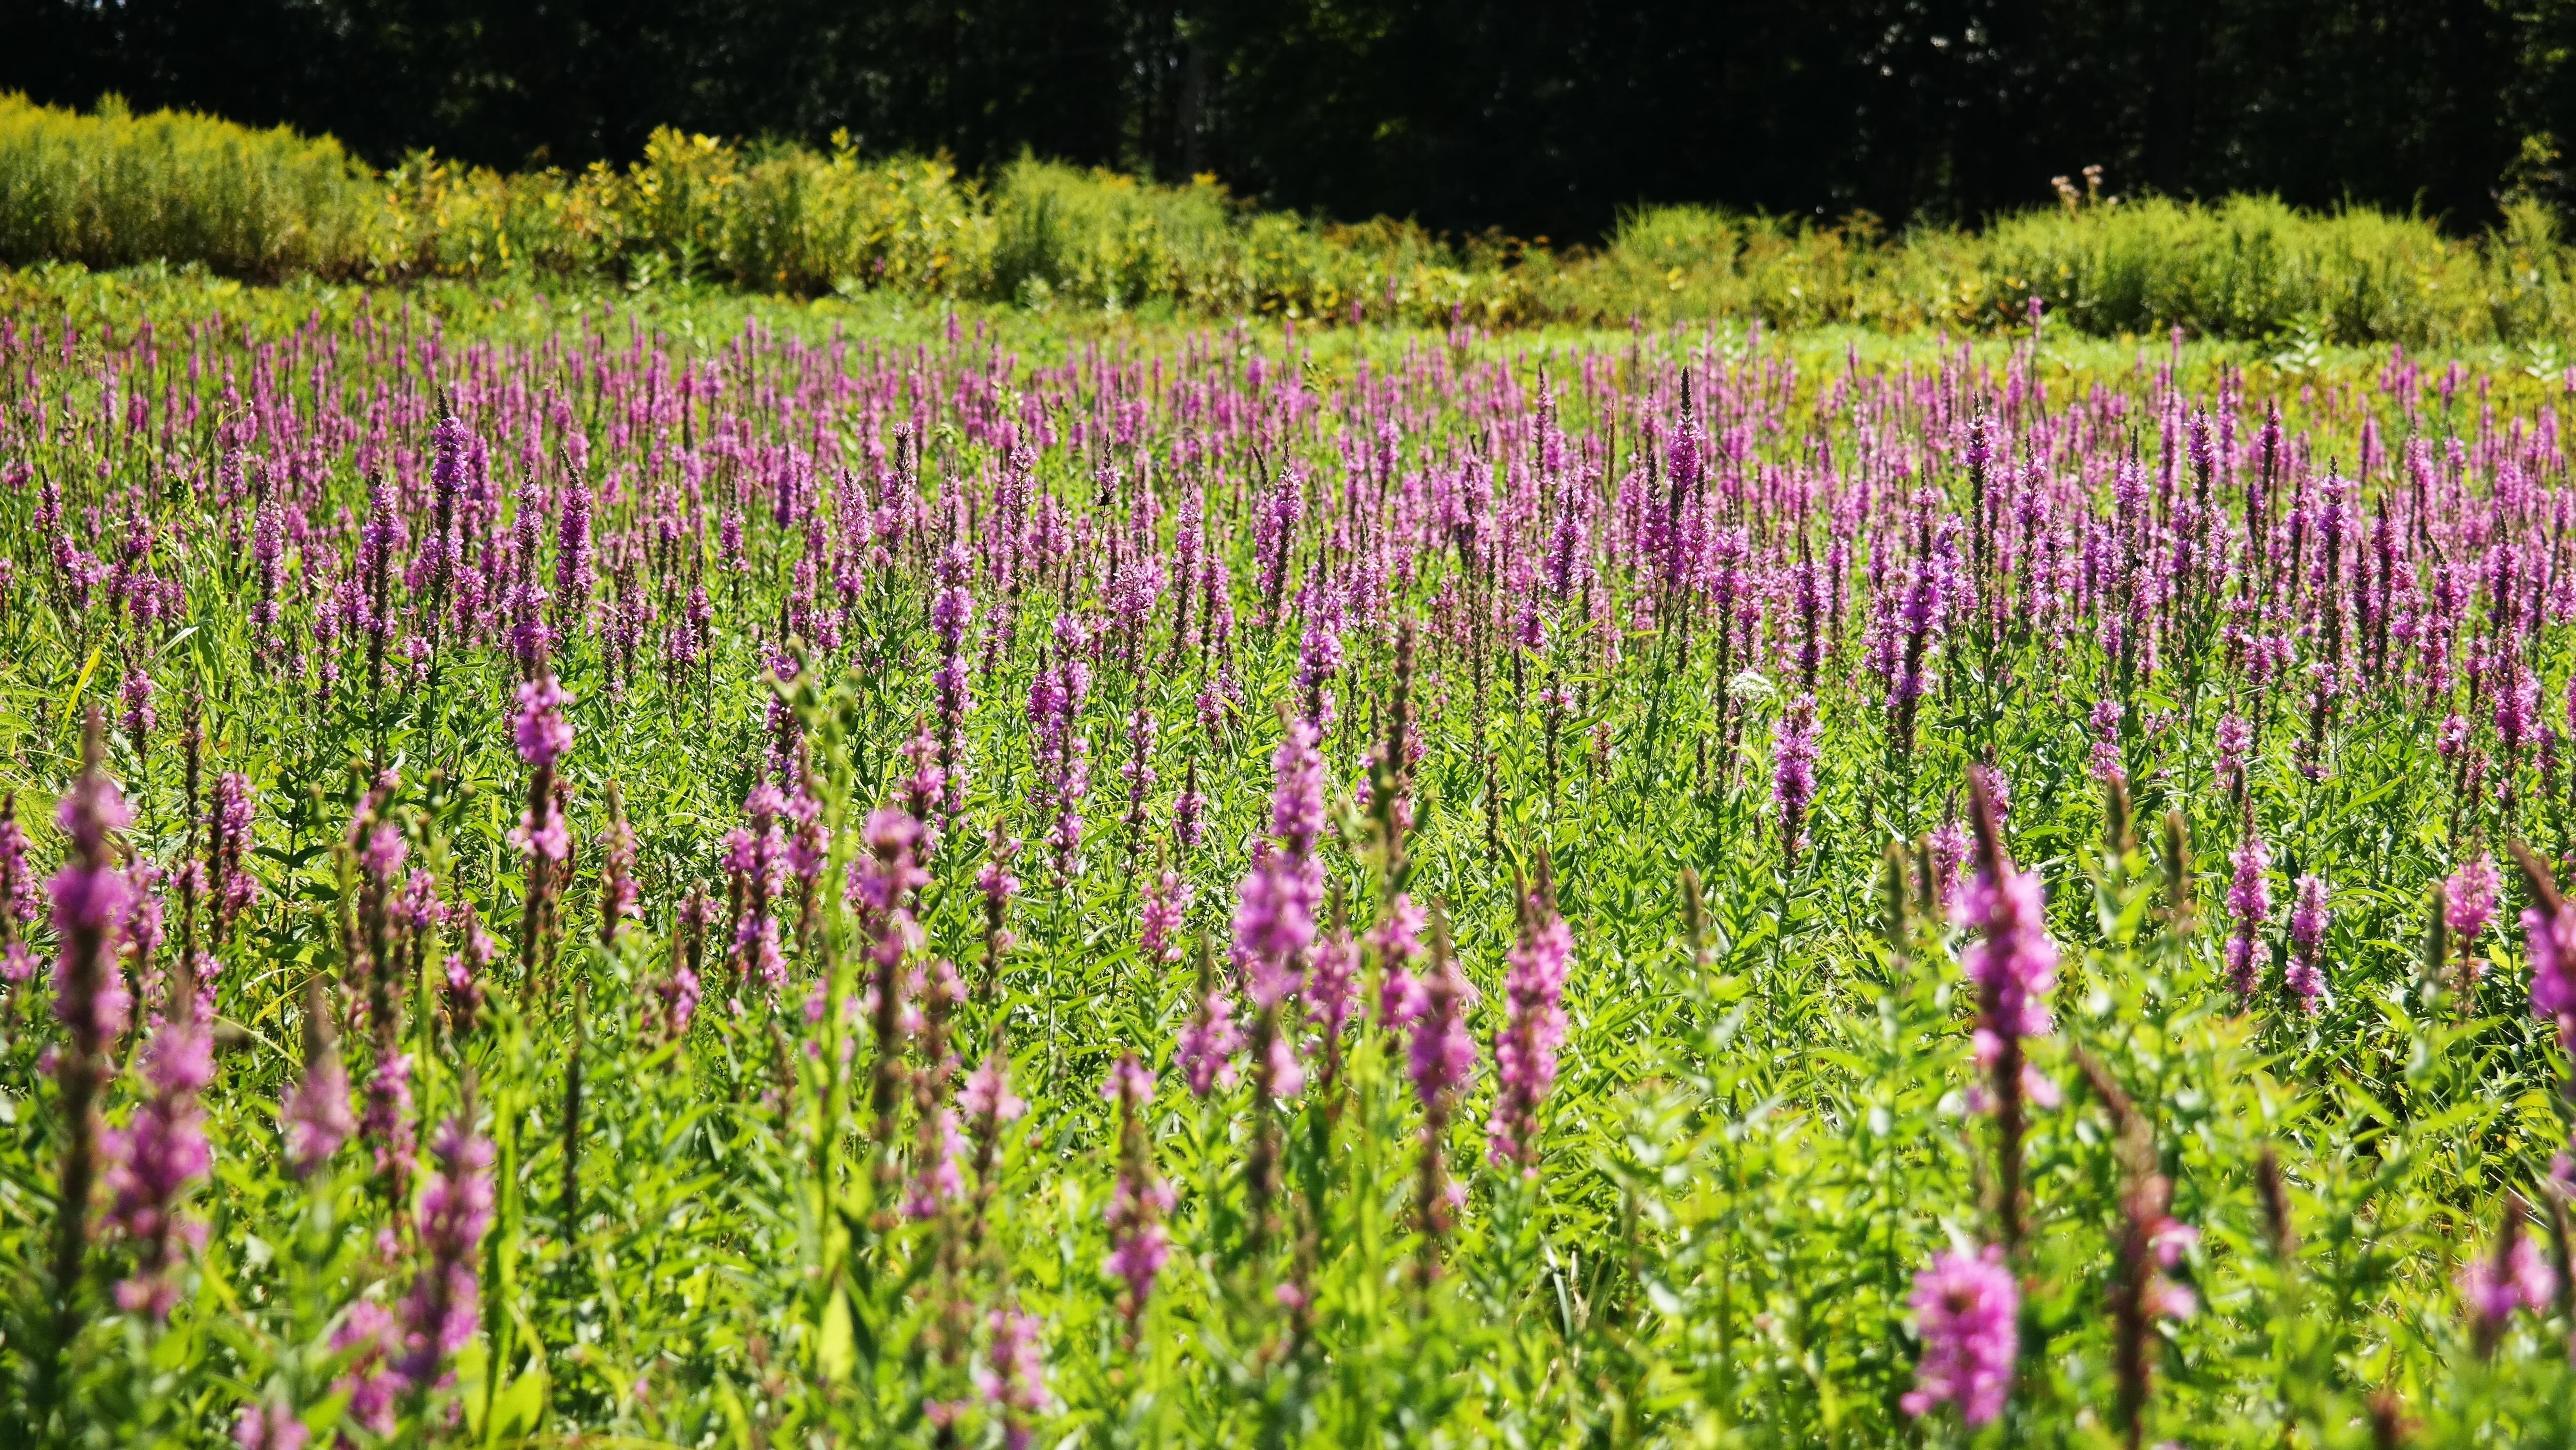 A field of purple wildflowers.